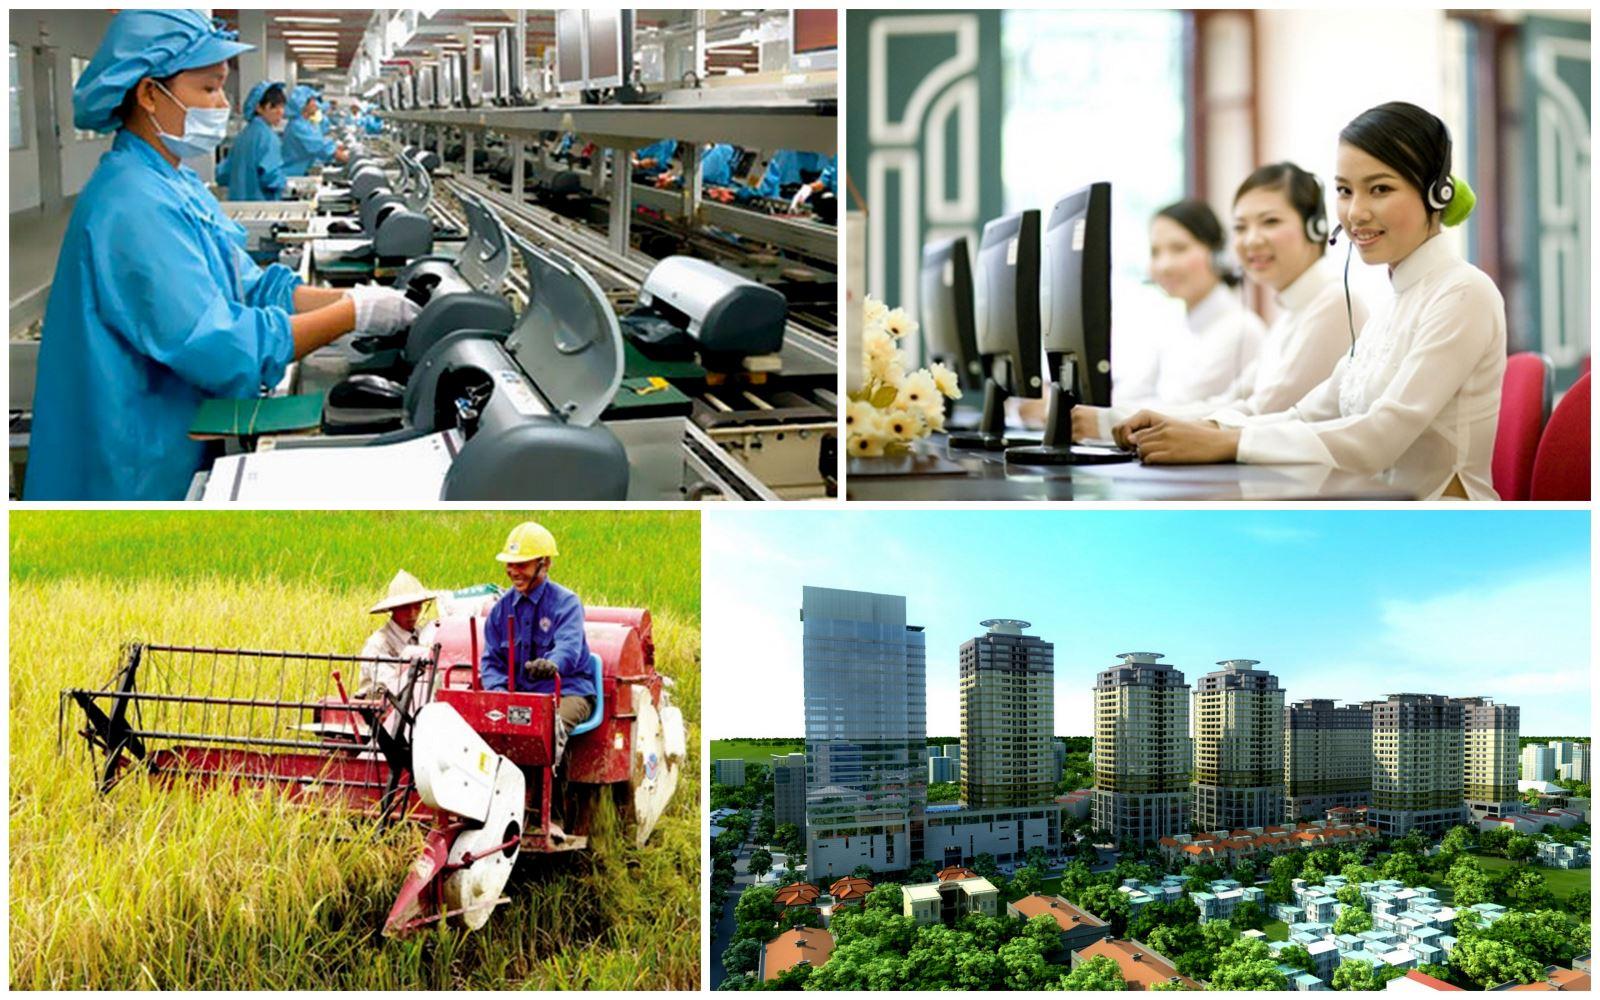 Việt Nam cùng 5 nền kinh tế đang nổi khác là những nước sẽ có tăng trưởng cao trong năm nay và nhiều năm tiếp theo (Thời sự sáng 18/3/2016)